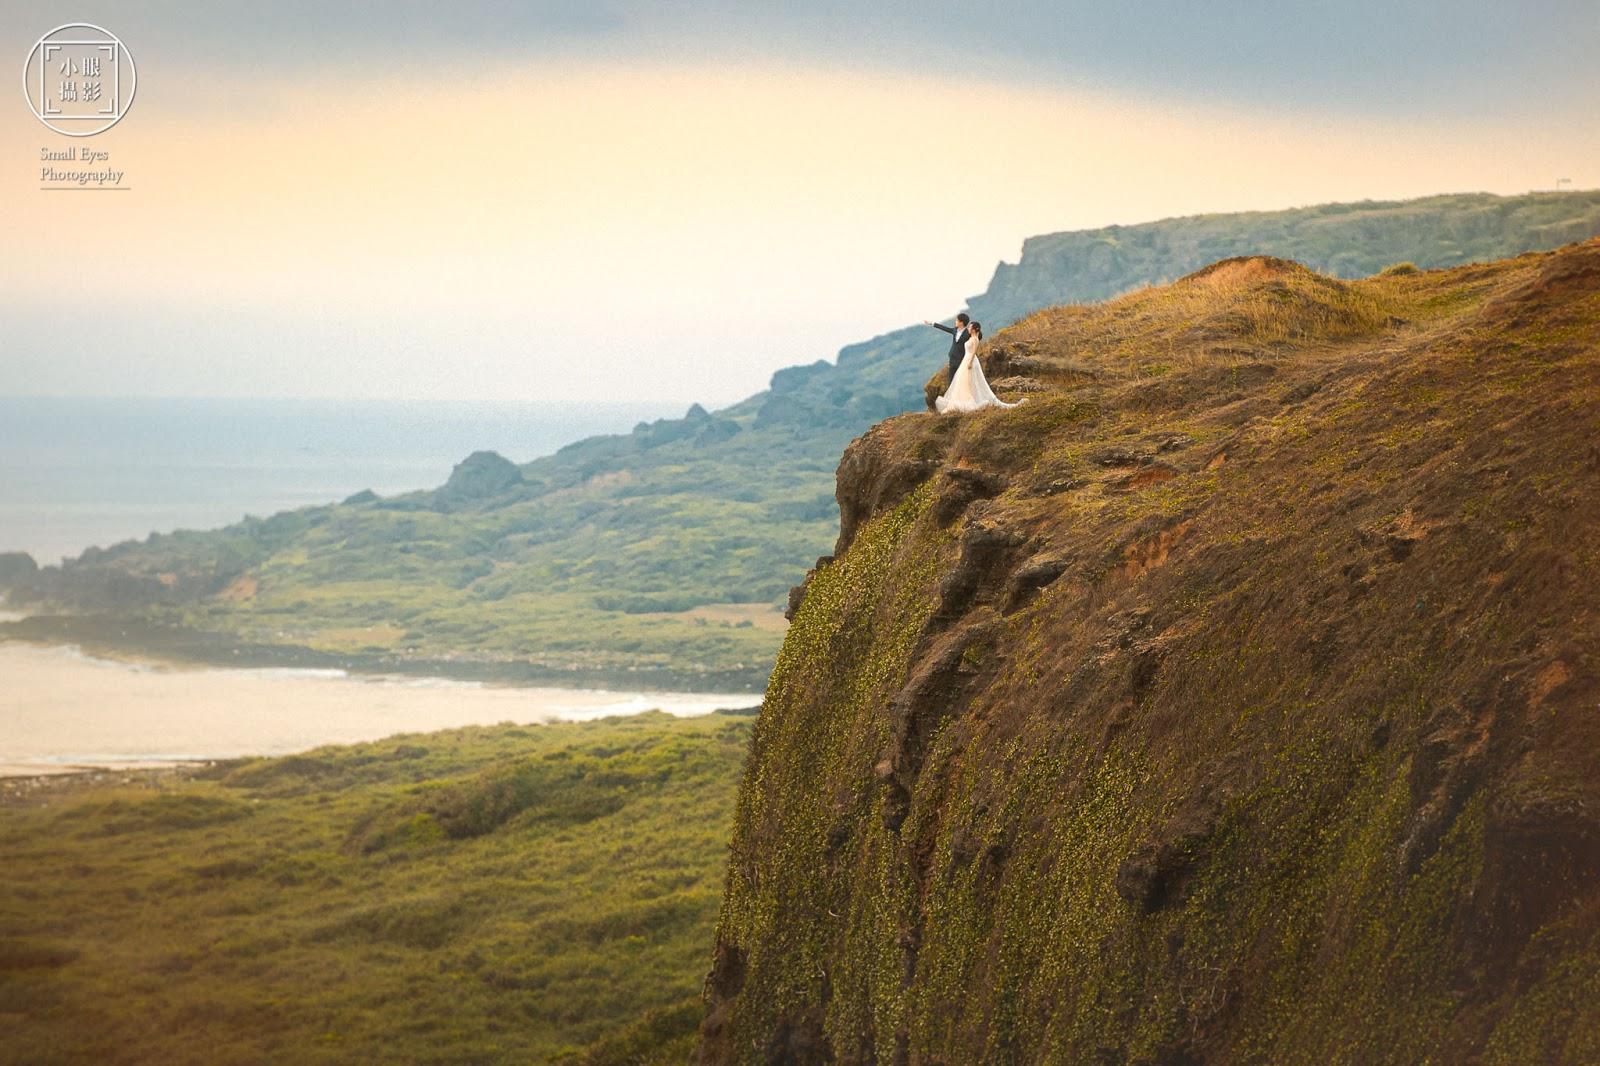 小眼攝影, 自主婚紗, 海外婚紗, 婚紗, 婚紗攝影, 婚攝, 蒂米琪, 新秘瓜瓜, 墾丁, 龍磐草原, 小巴里岩, 斷崖, 懸崖, 大景, 日出, 看見台灣, 推薦,